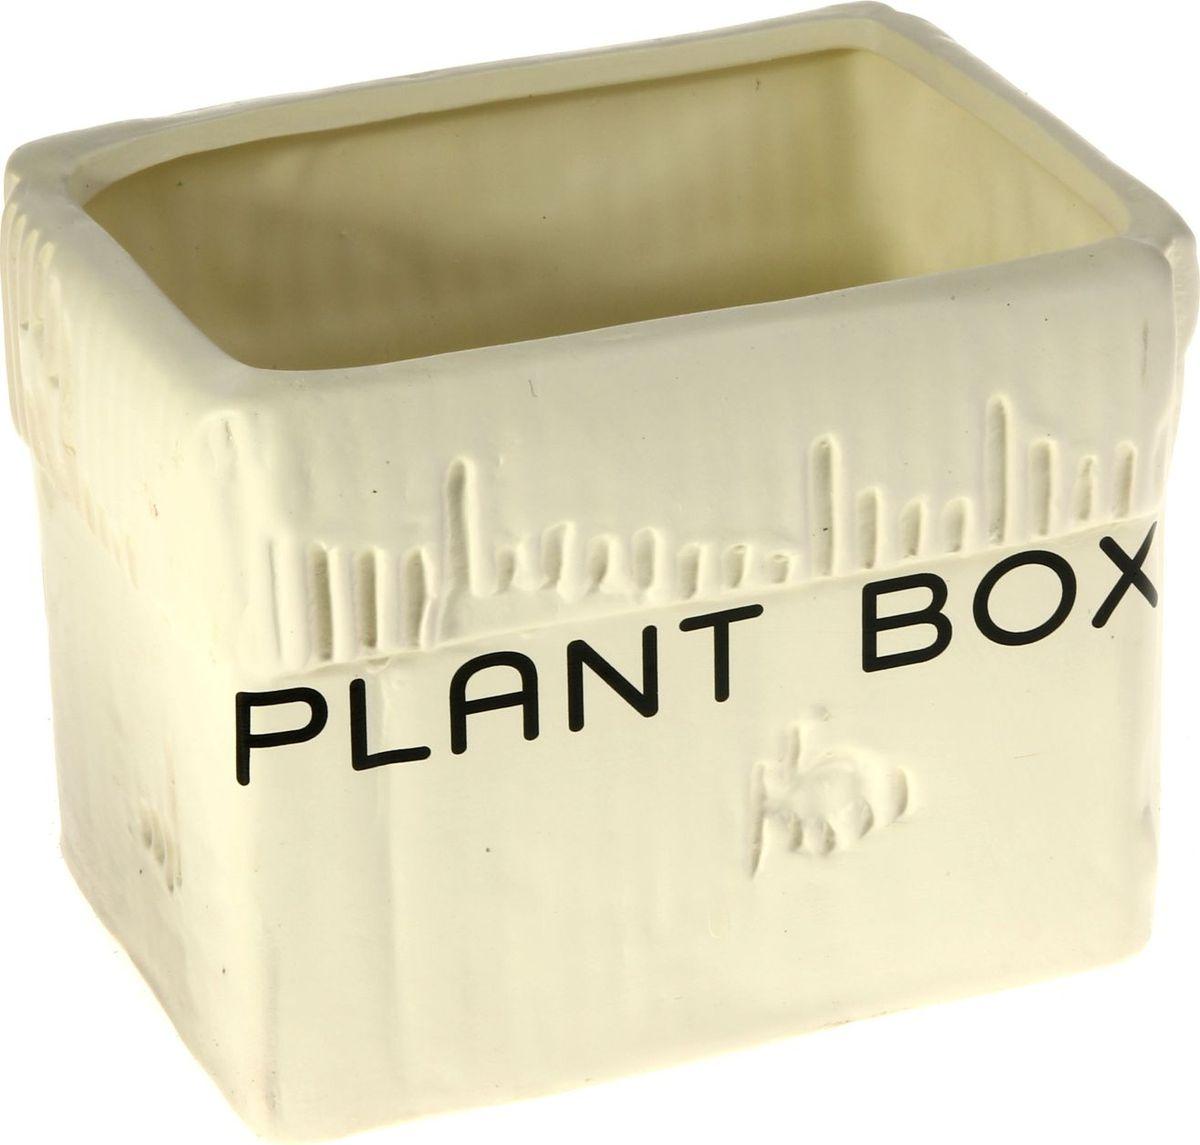 Кашпо Картонная коробка, цвет: белый, 13 х 17 х 13 см829930Комнатные растения — всеобщие любимцы. Они радуют глаз, насыщают помещение кислородом и украшают пространство. Каждому из них необходим свой удобный и красивый дом. Кашпо из керамики прекрасно подходят для высадки растений: за счёт пластичности глины и разных способов обработки существует великое множество форм и дизайновпористый материал позволяет испаряться лишней влагевоздух, необходимый для дыхания корней, проникает сквозь керамические стенки! #name# позаботится о зелёном питомце, освежит интерьер и подчеркнёт его стиль.